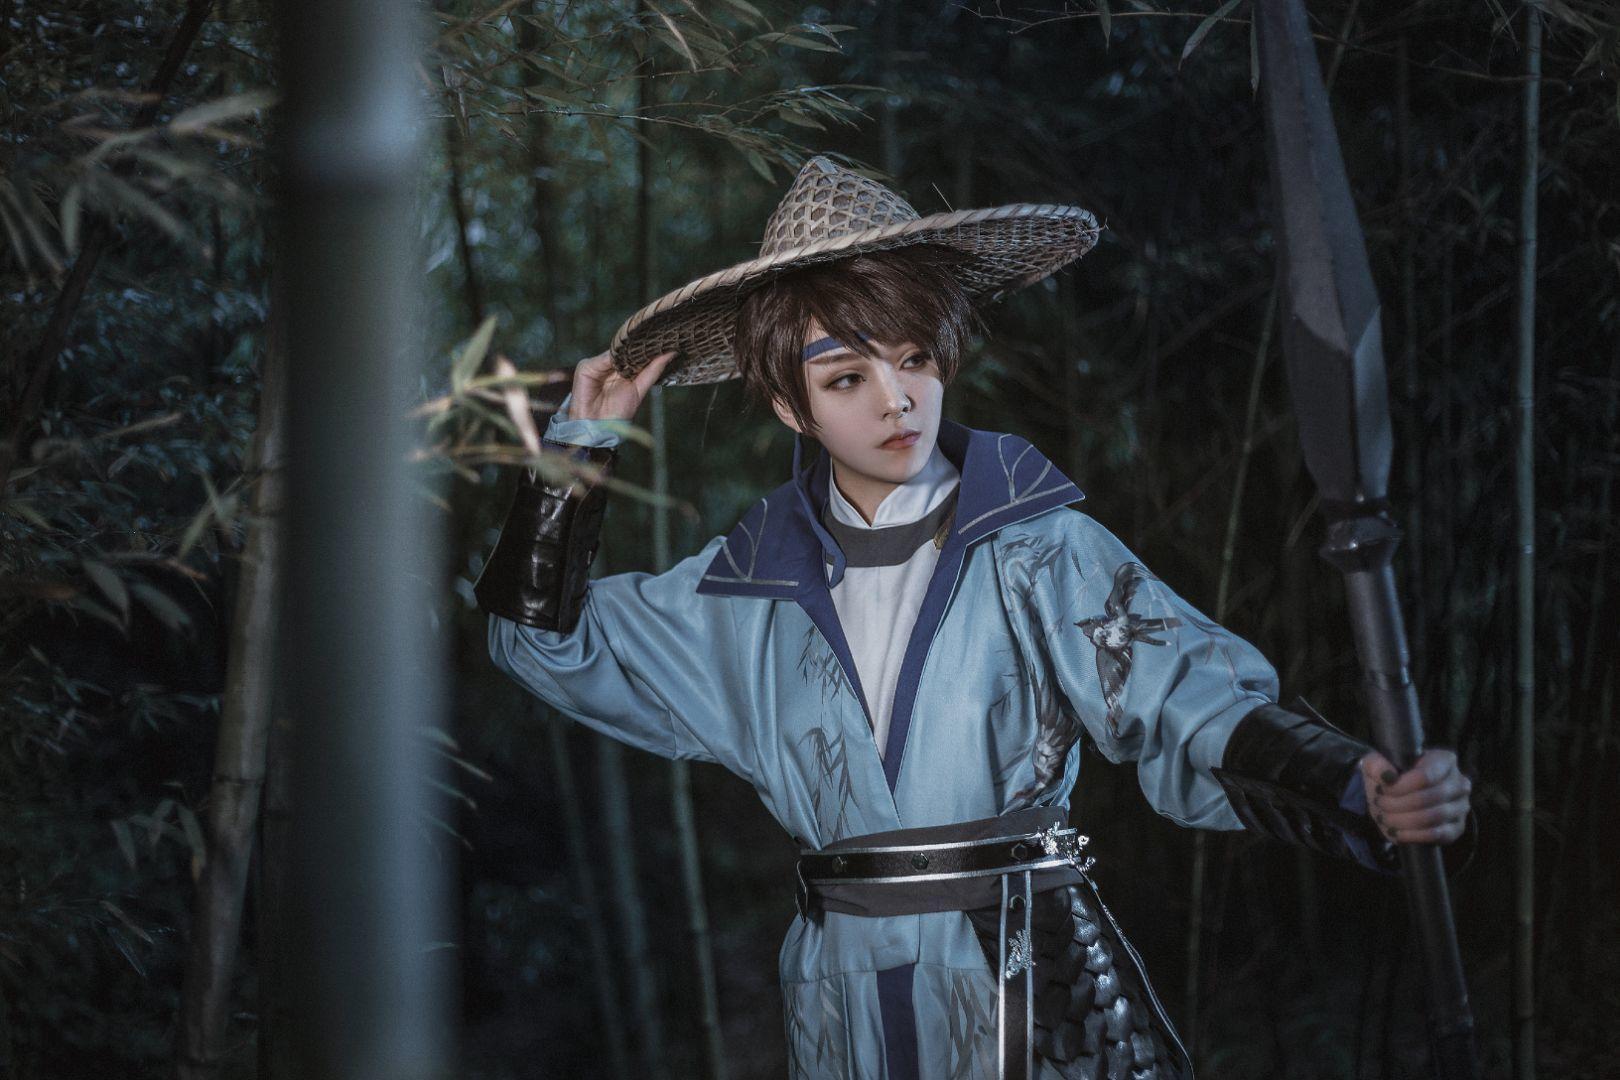 《王者荣耀》李白韩信cosplay【CN:白枪没有心】-第5张